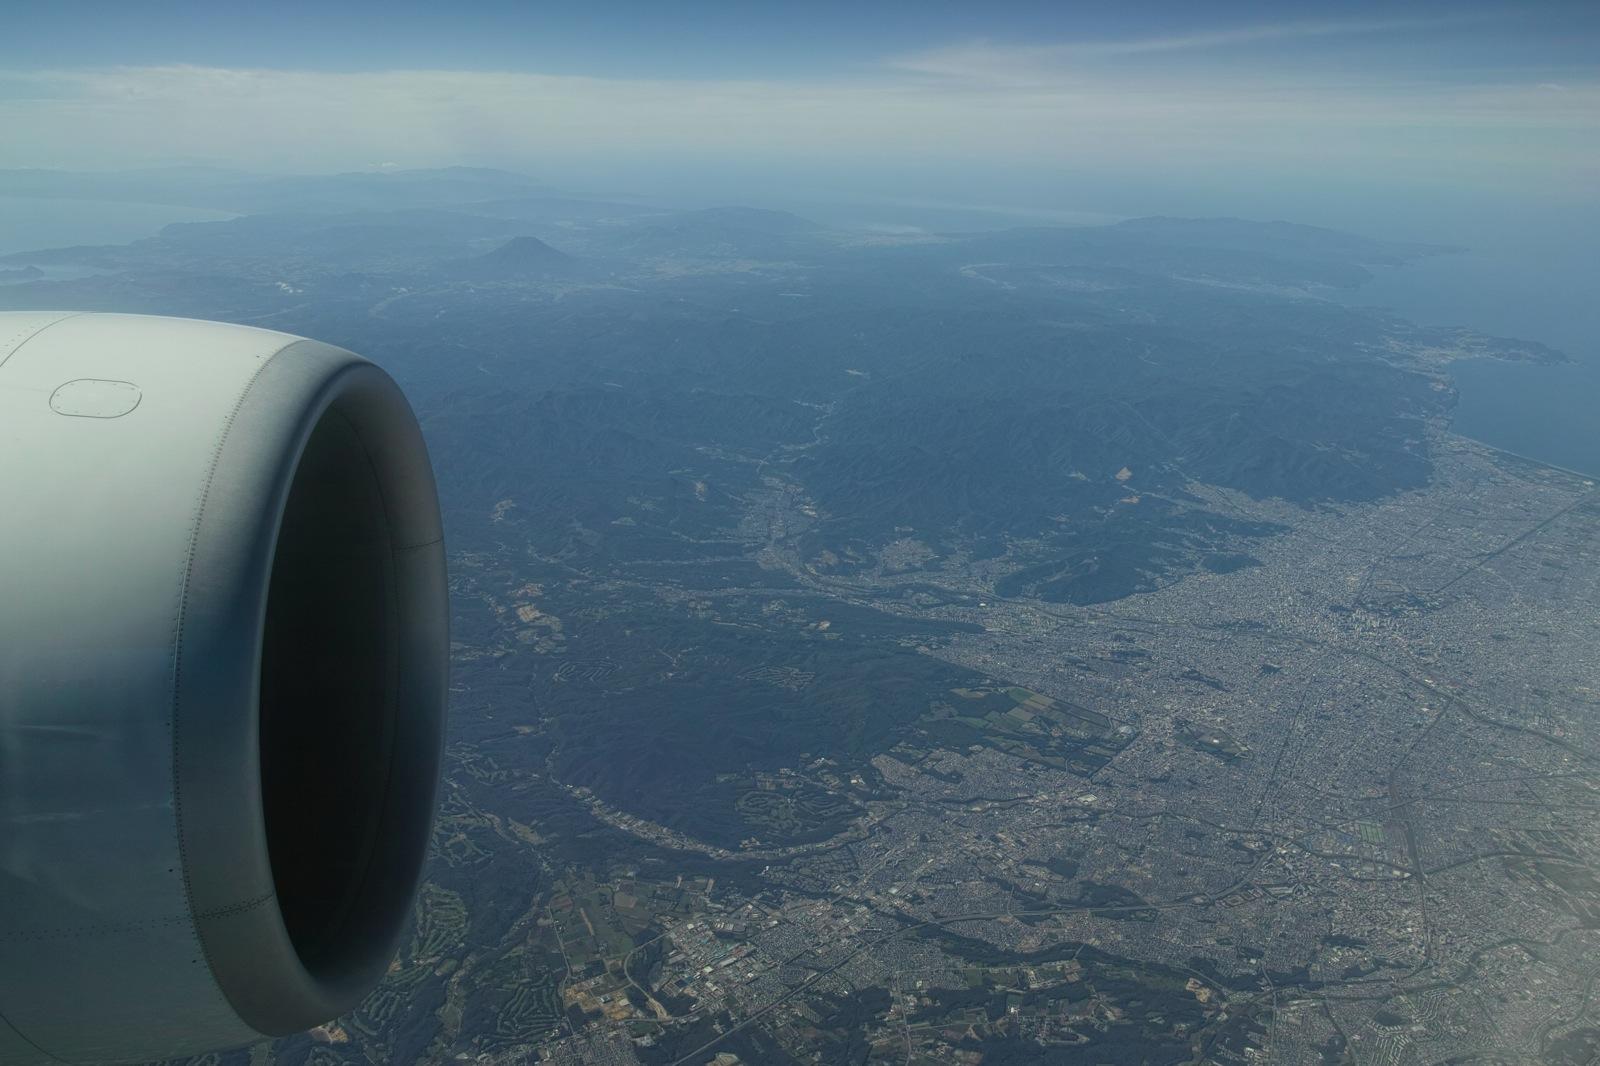 飛行機からの眺め_d0133581_11442.jpg